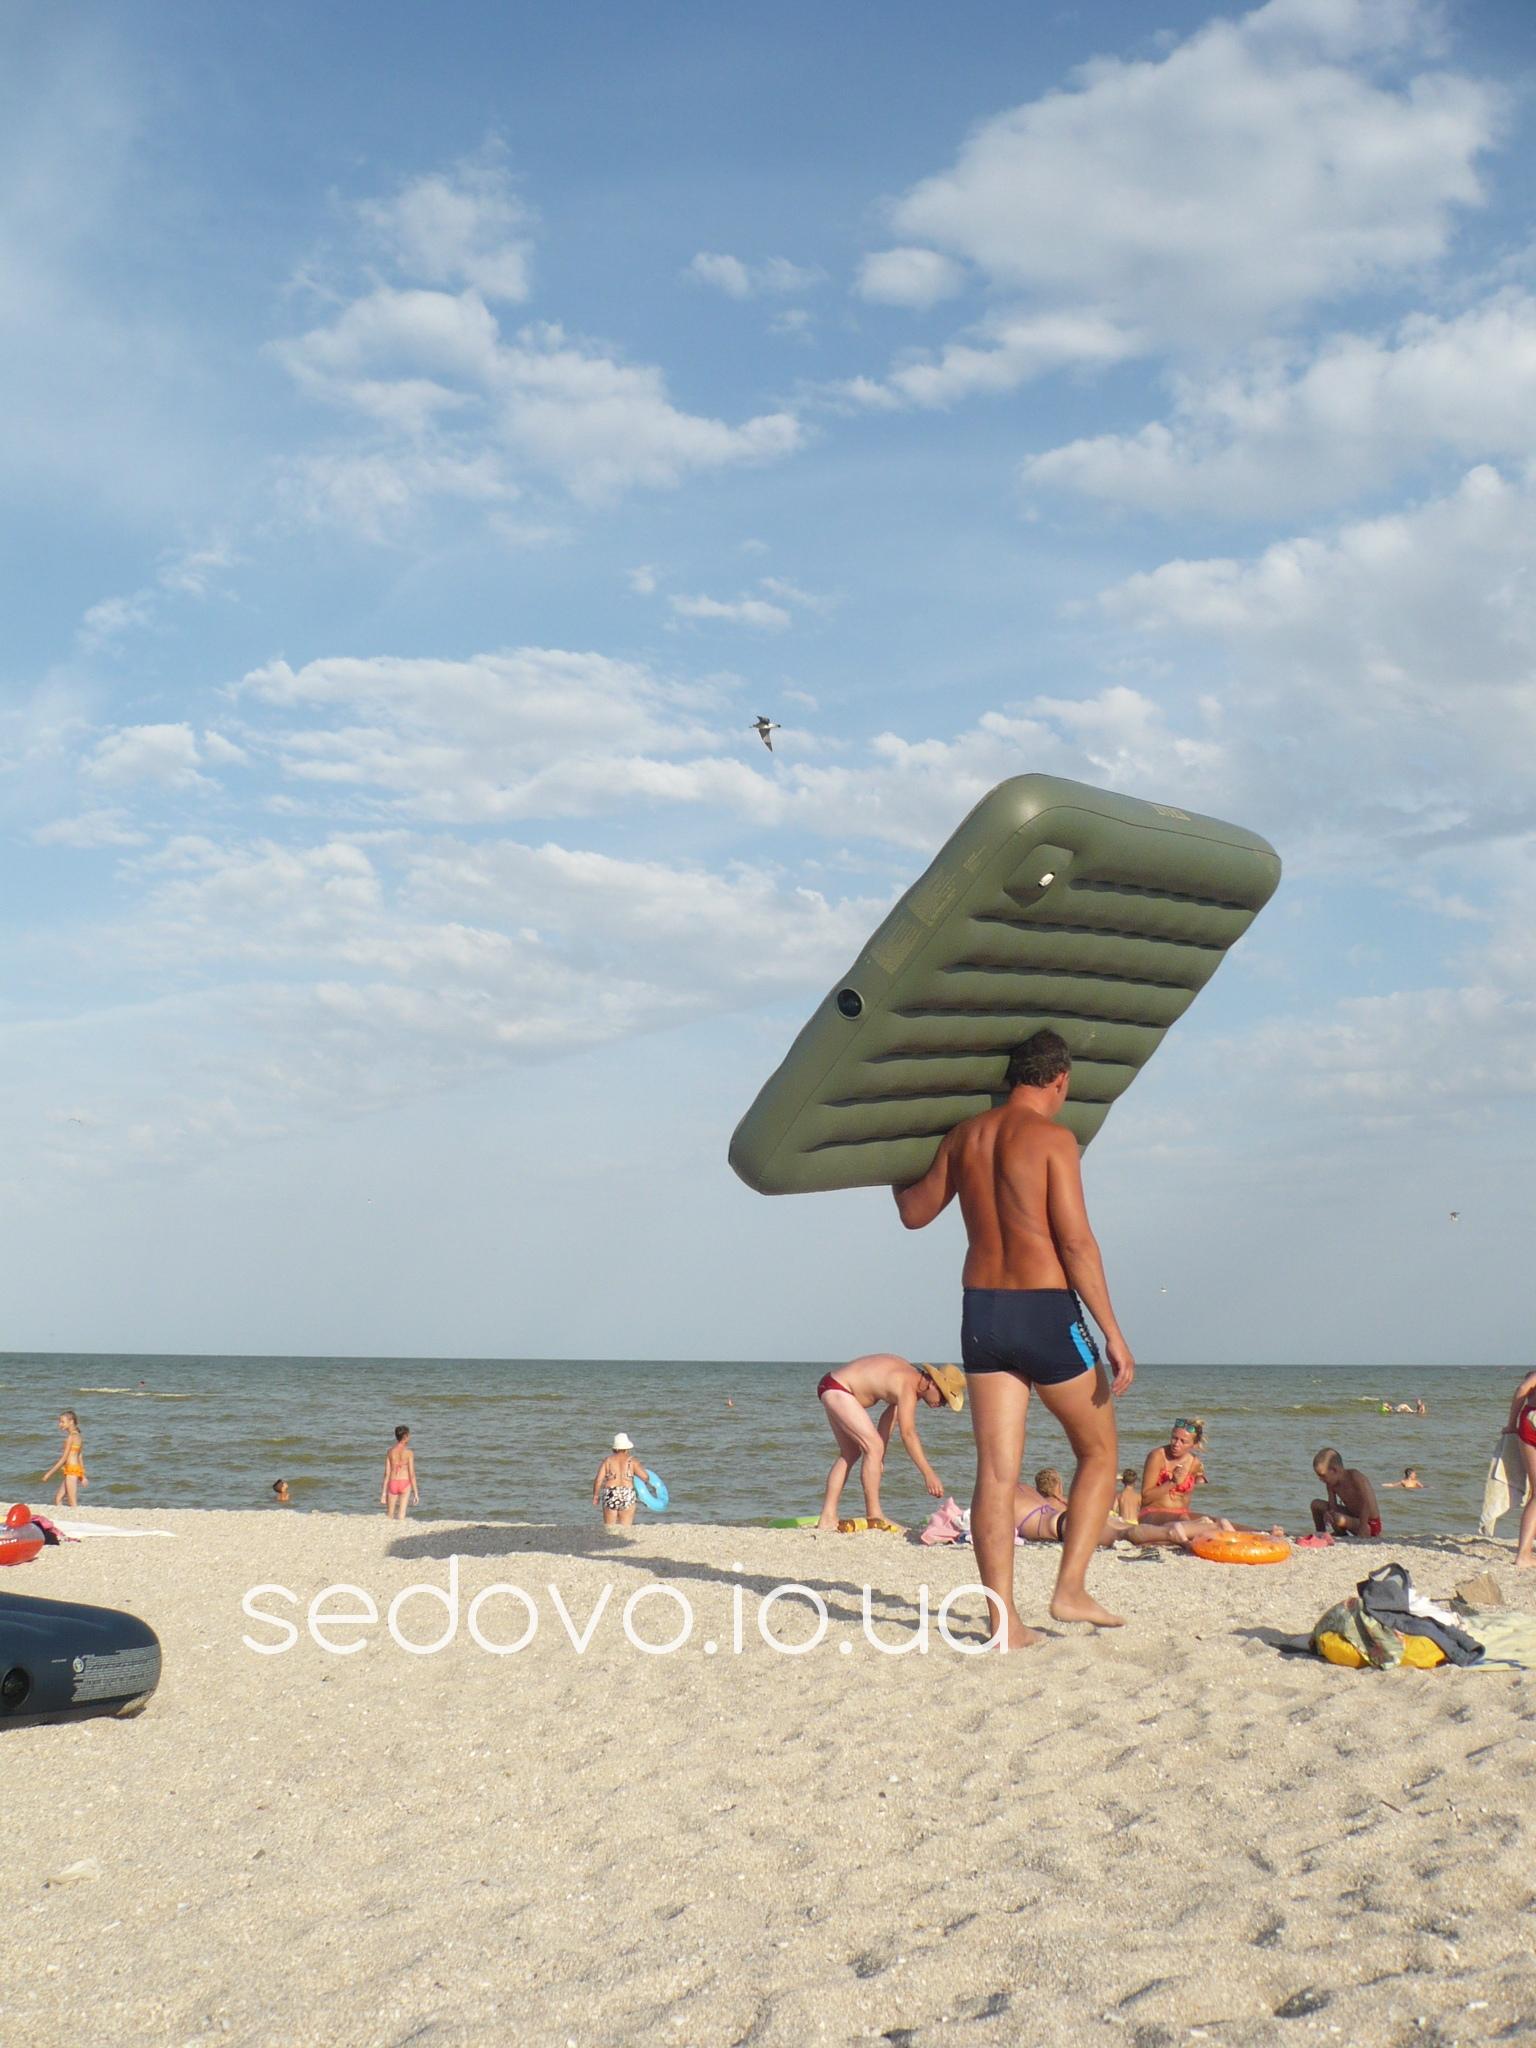 Седово Коса пляж фотографии моря